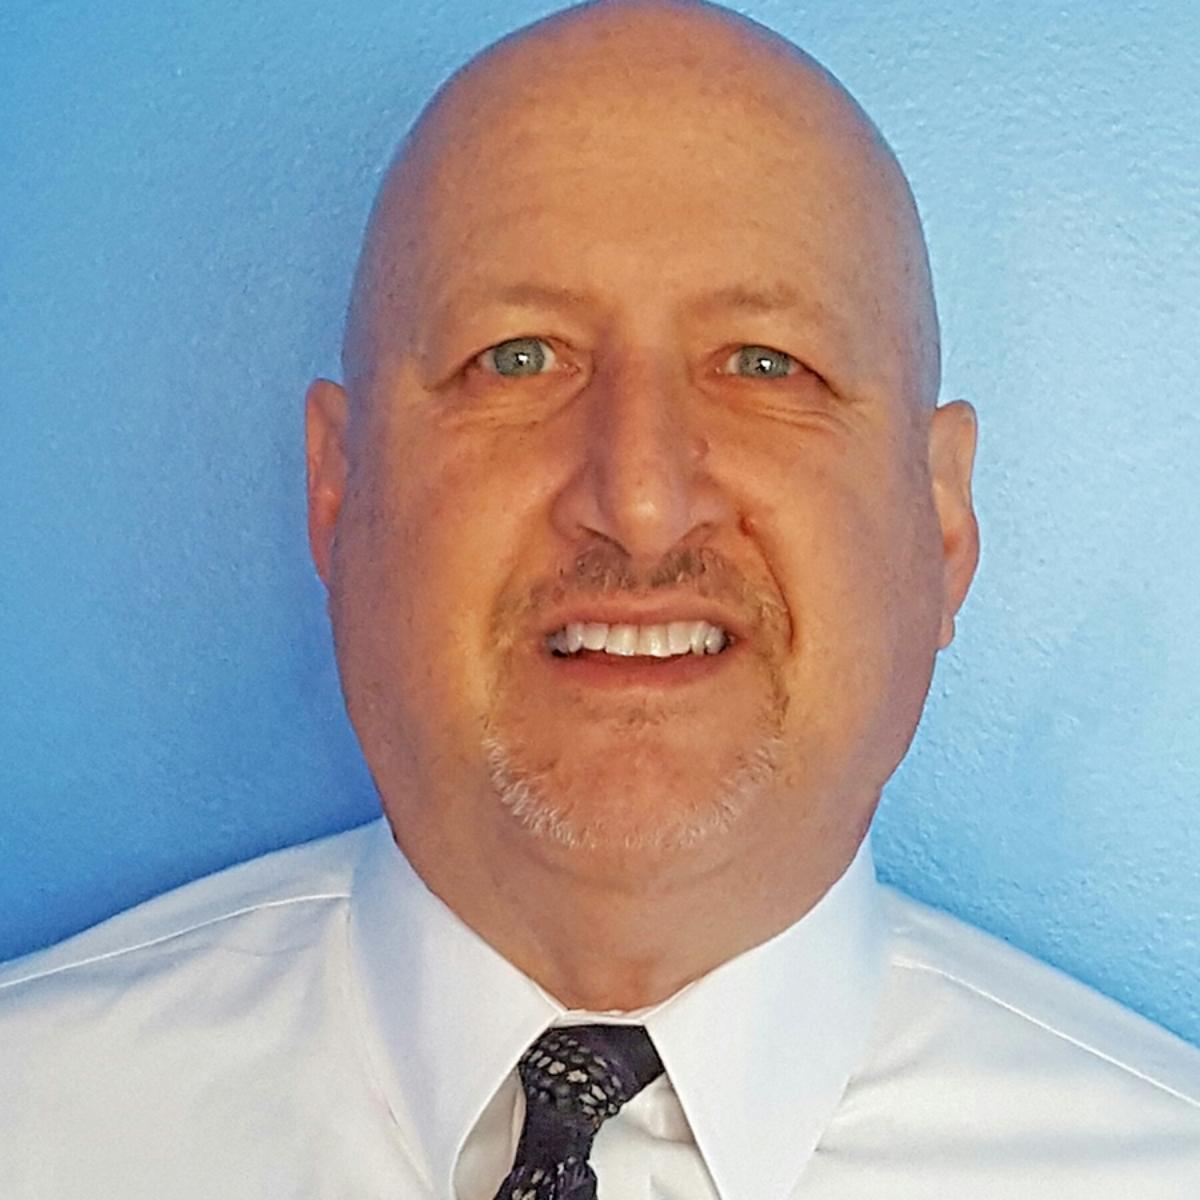 Eric Buckner Headshot Woodcliff Square lower res for website.jpg